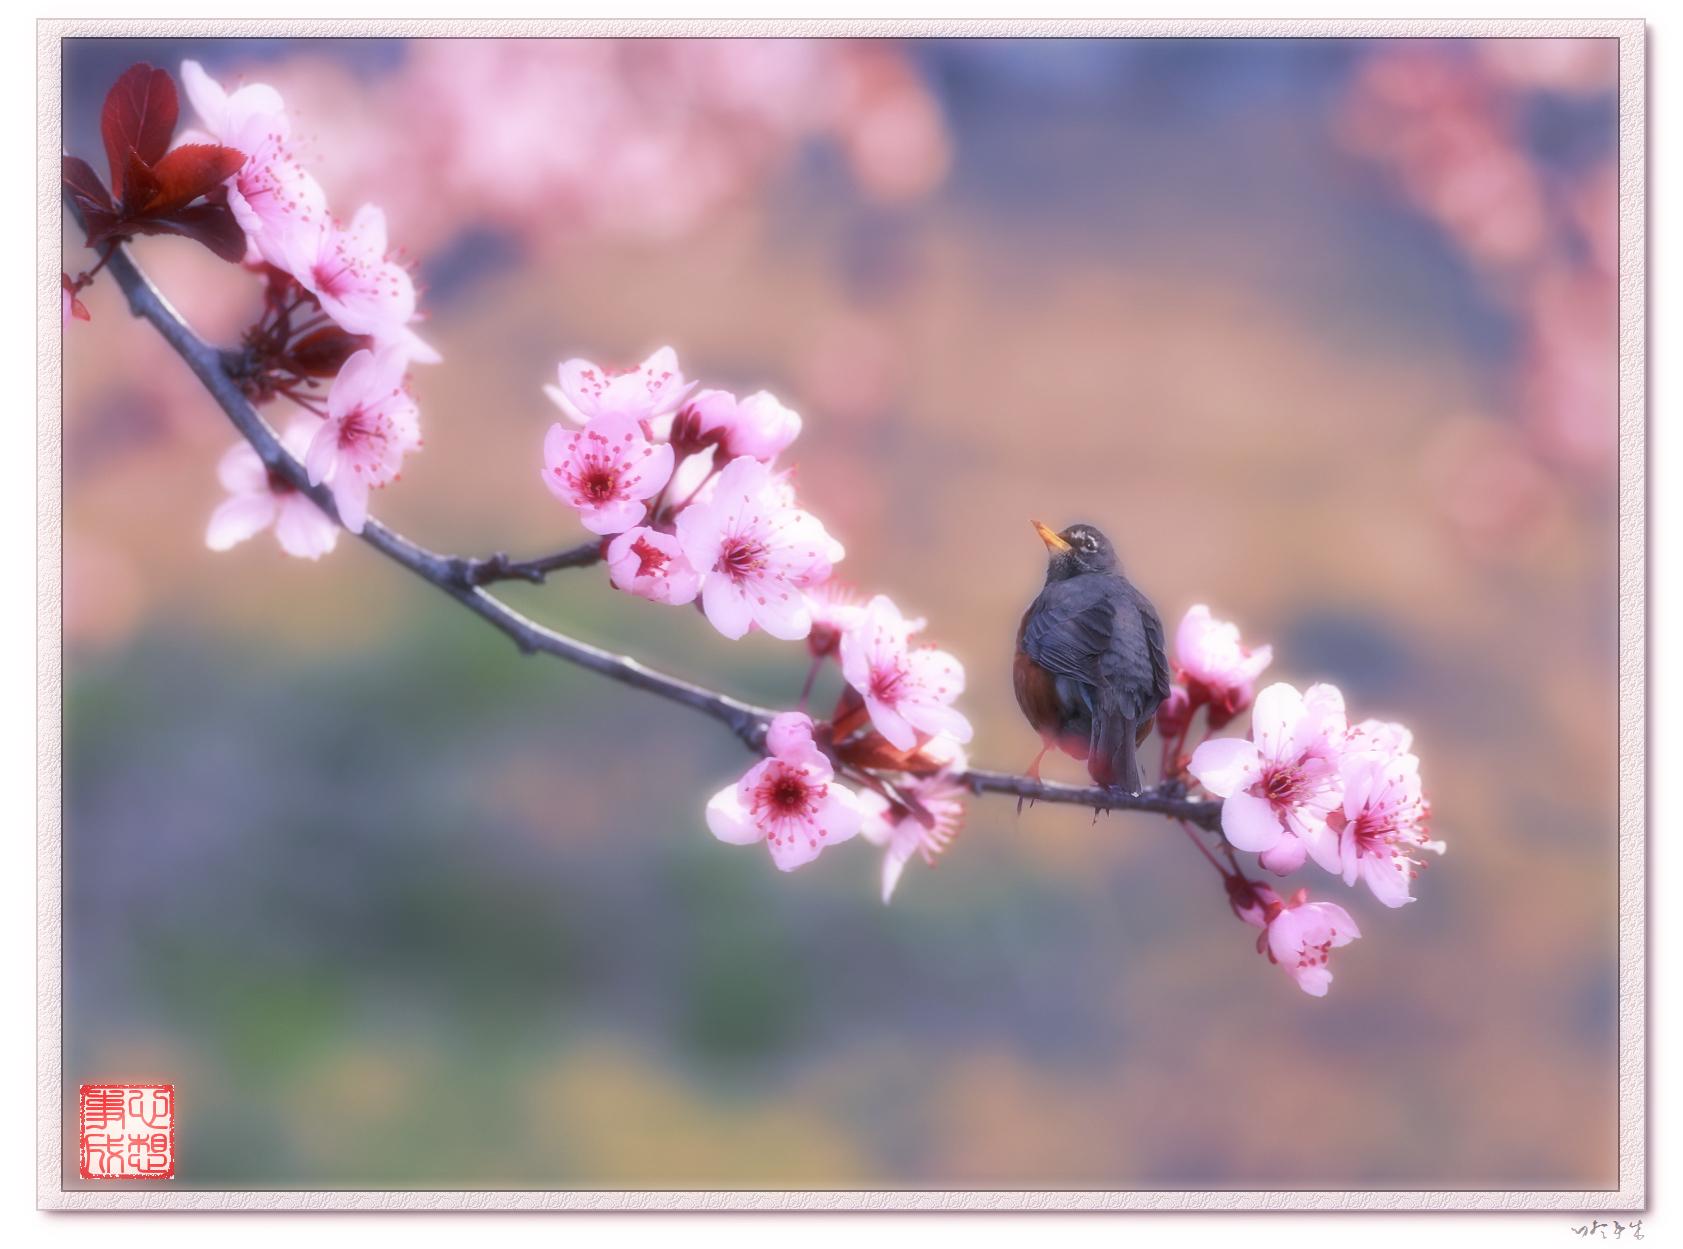 【心想事成】鸟语花香-PS合成的原创片_图1-8